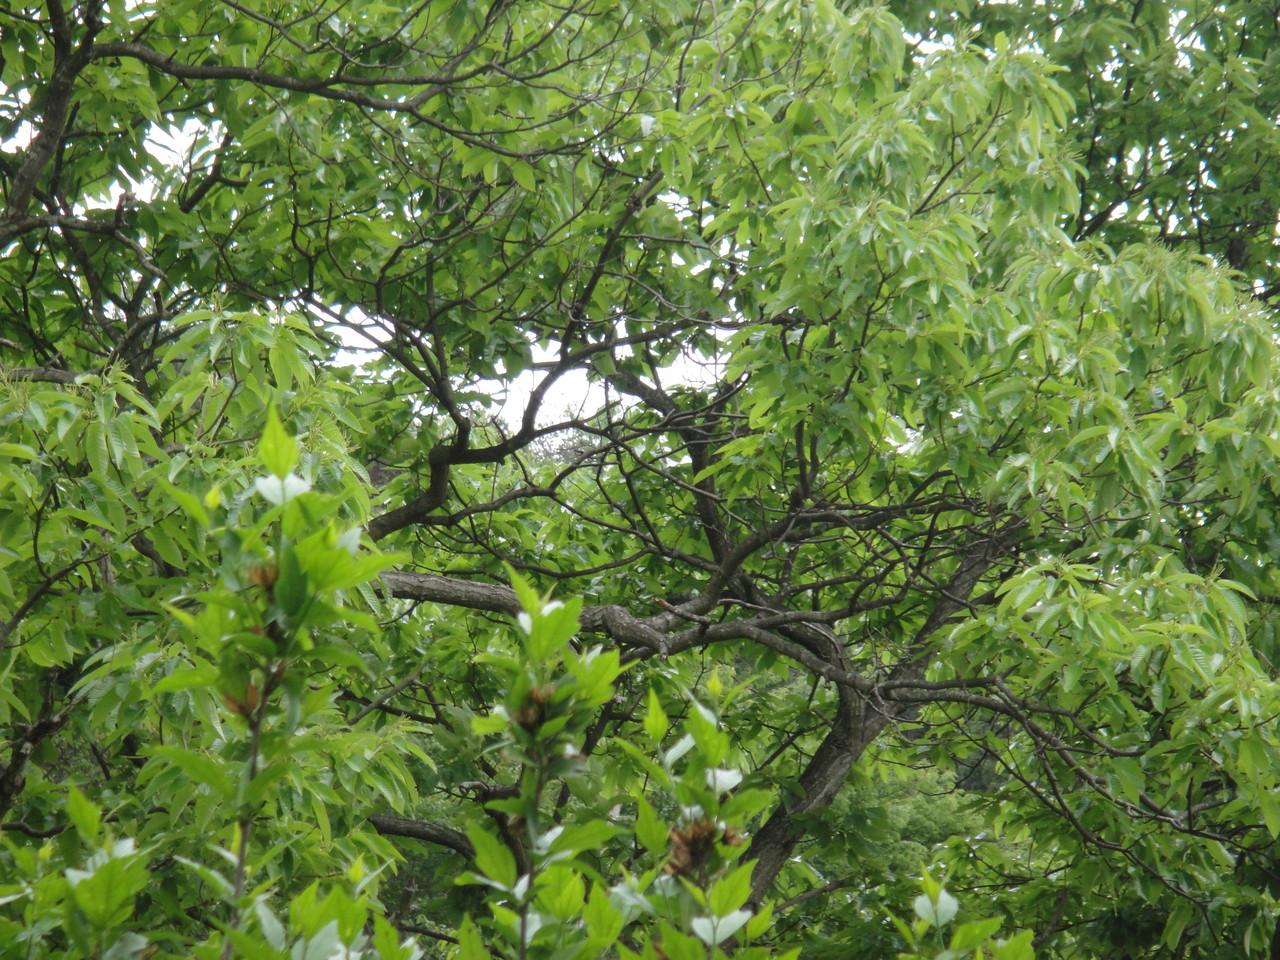 大きな栗の木この時期だけ黄緑色で、柔らかそうな葉っぱです。少し経つと強そうな緑の葉ぱになります